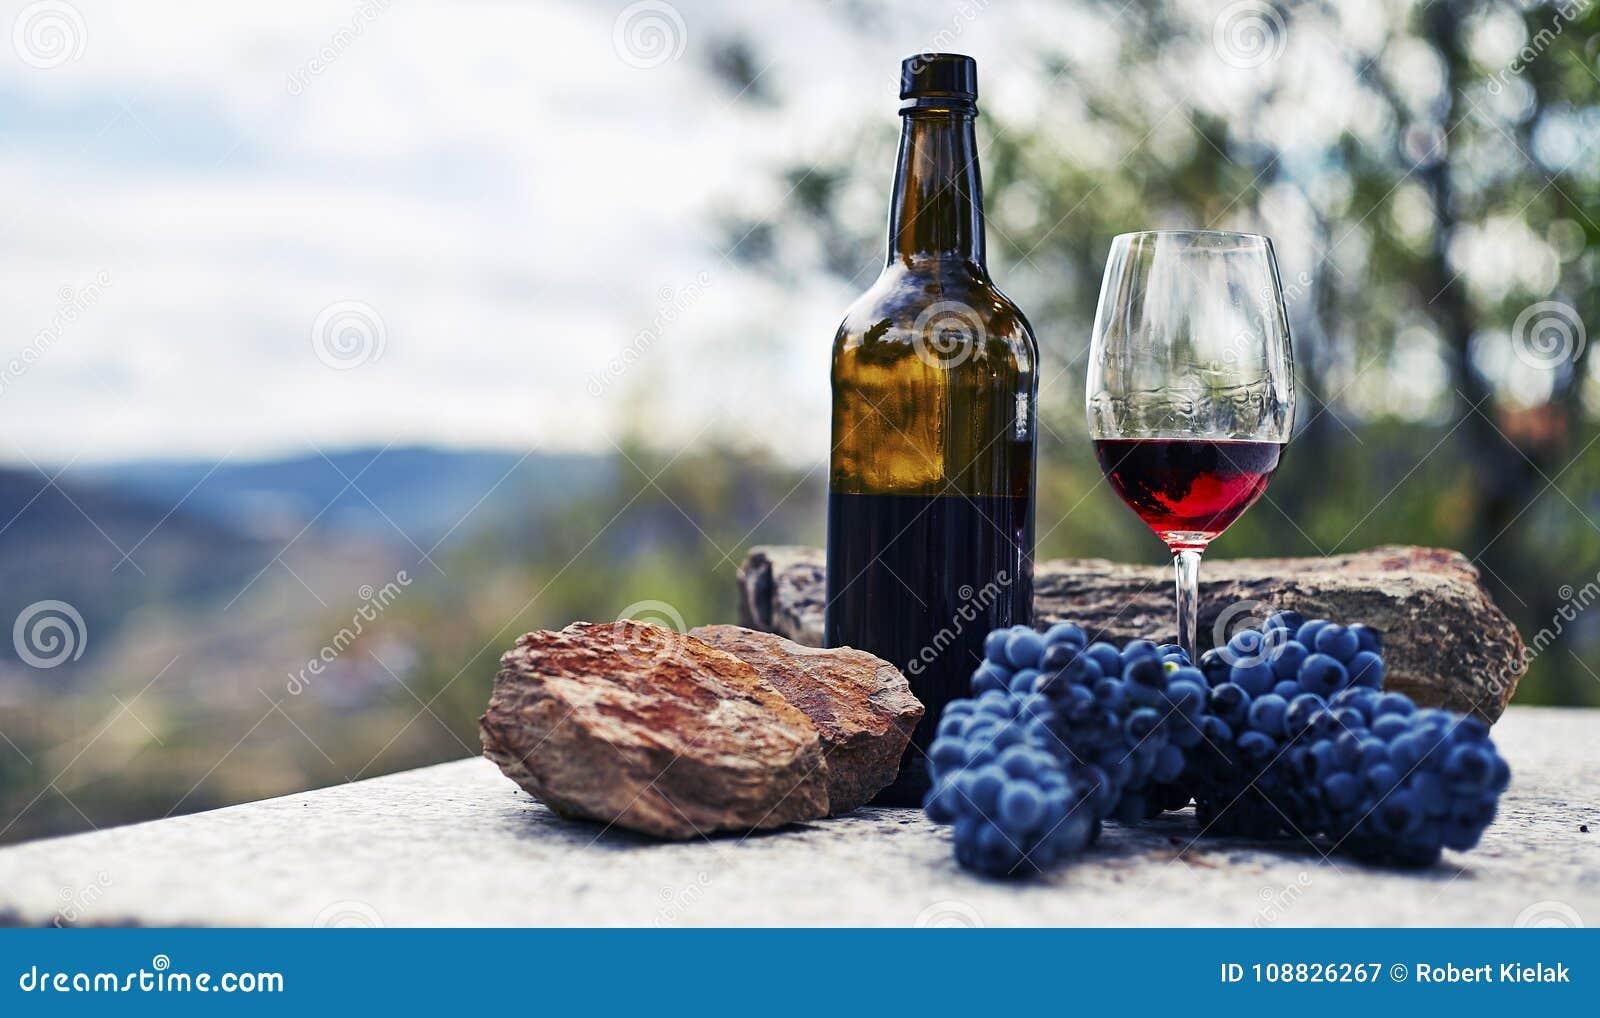 Благоустраивайте взгляд на старом каменном здании с дорогой и деревьях на винограднике